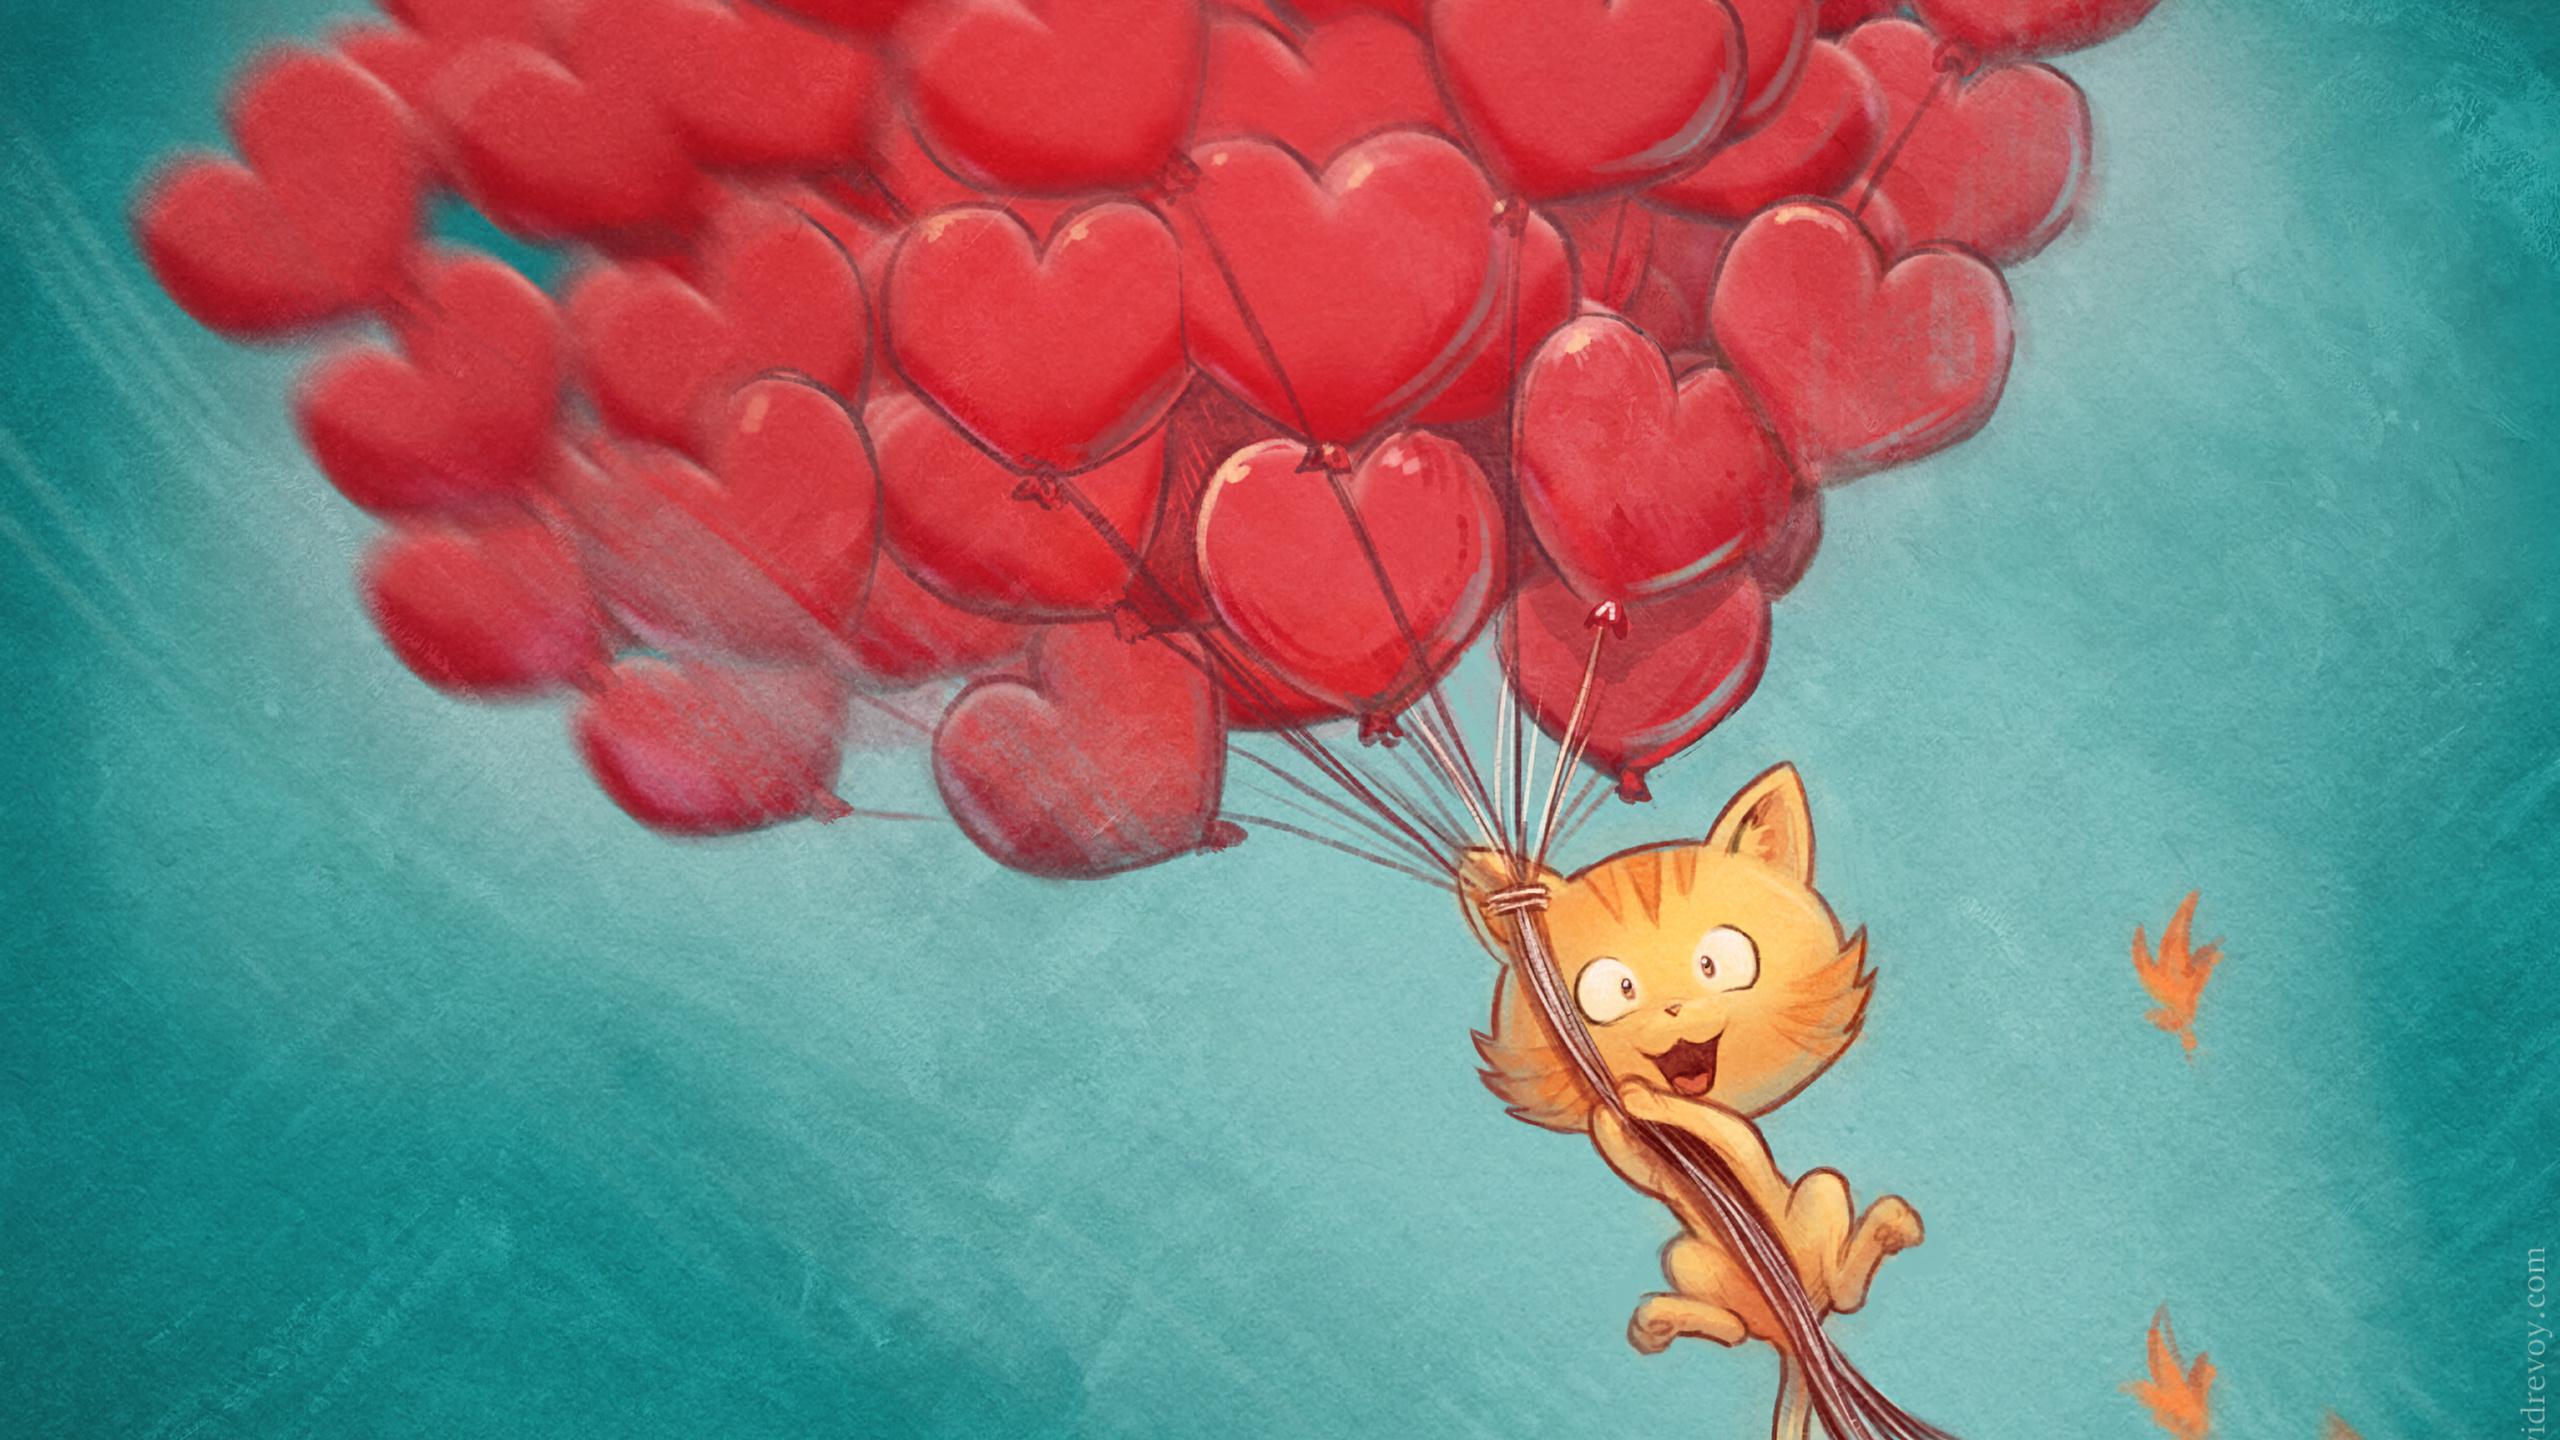 Сердечки картинки смешные, стоит благодарностей анимированные